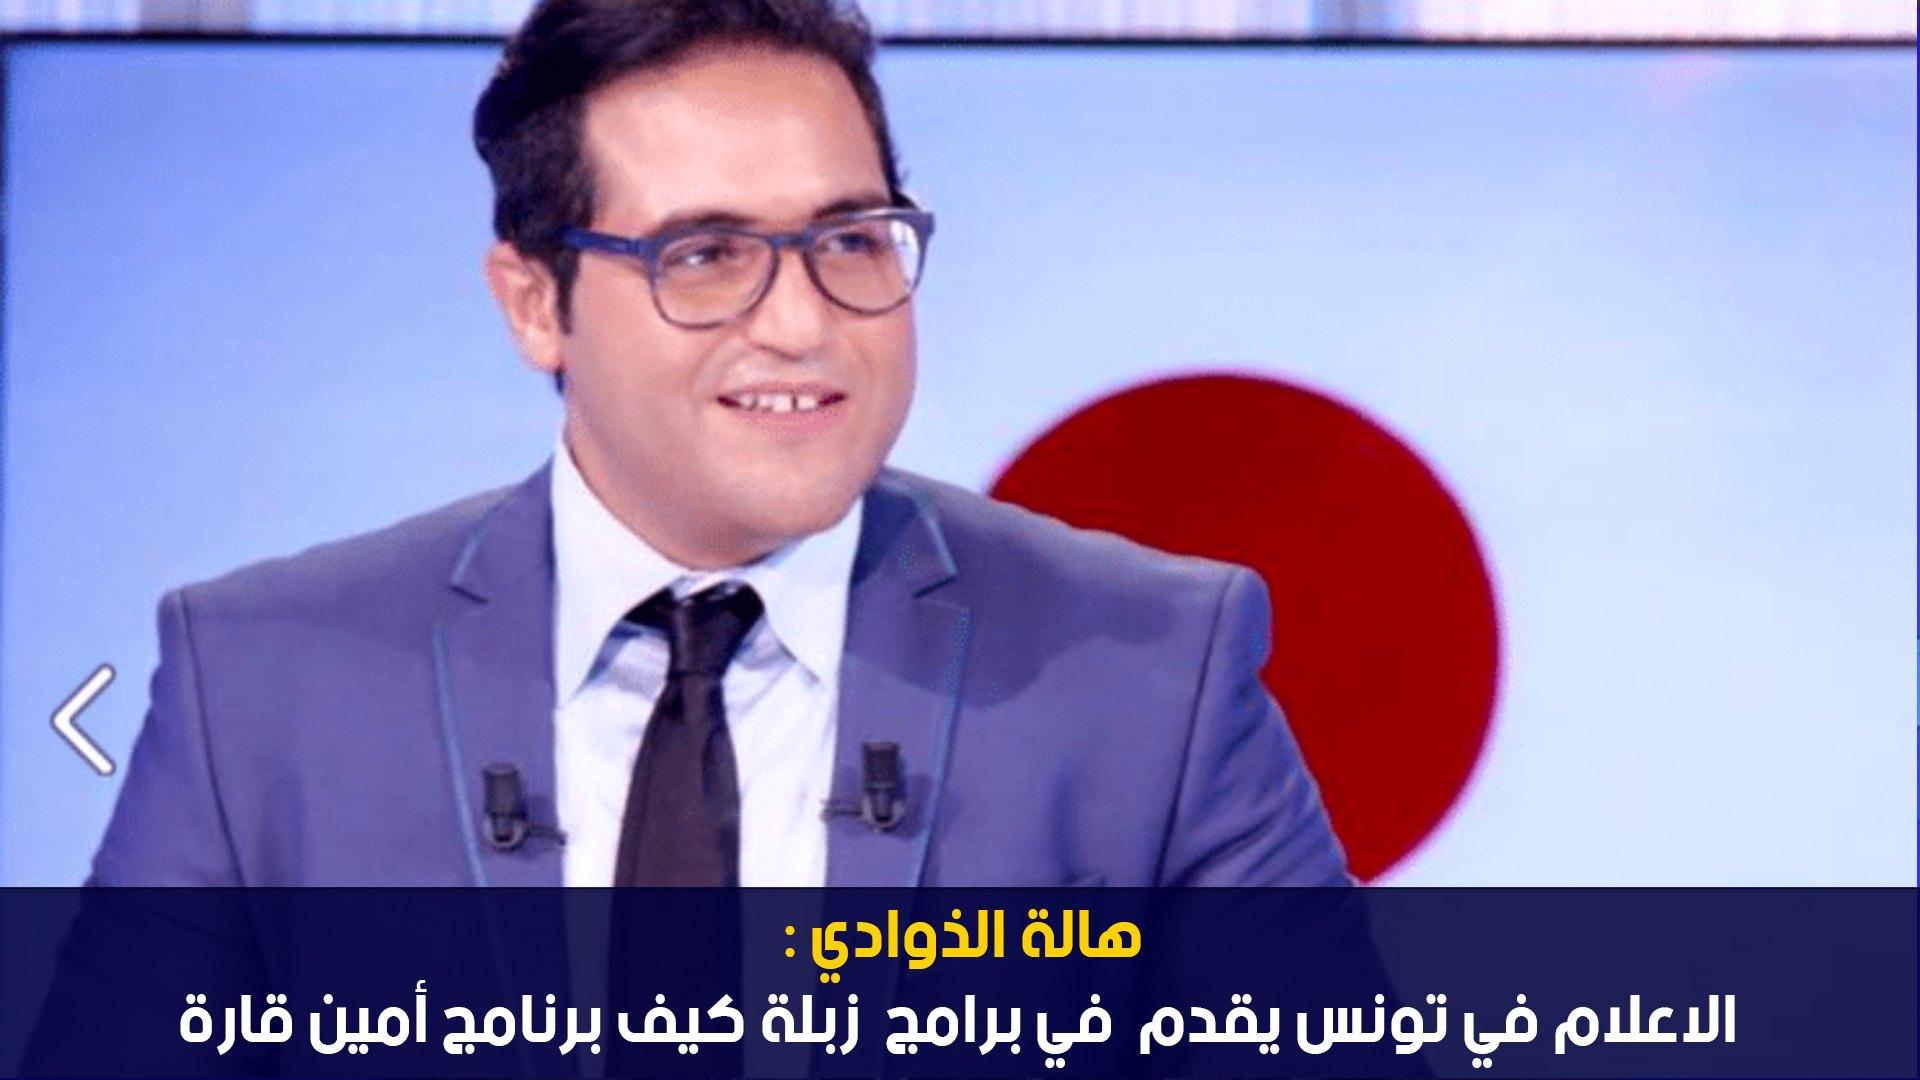 هالة الذوادي:الاعلام في تونس يقدم في برامج زبلة كيف برنامج أمين قارة